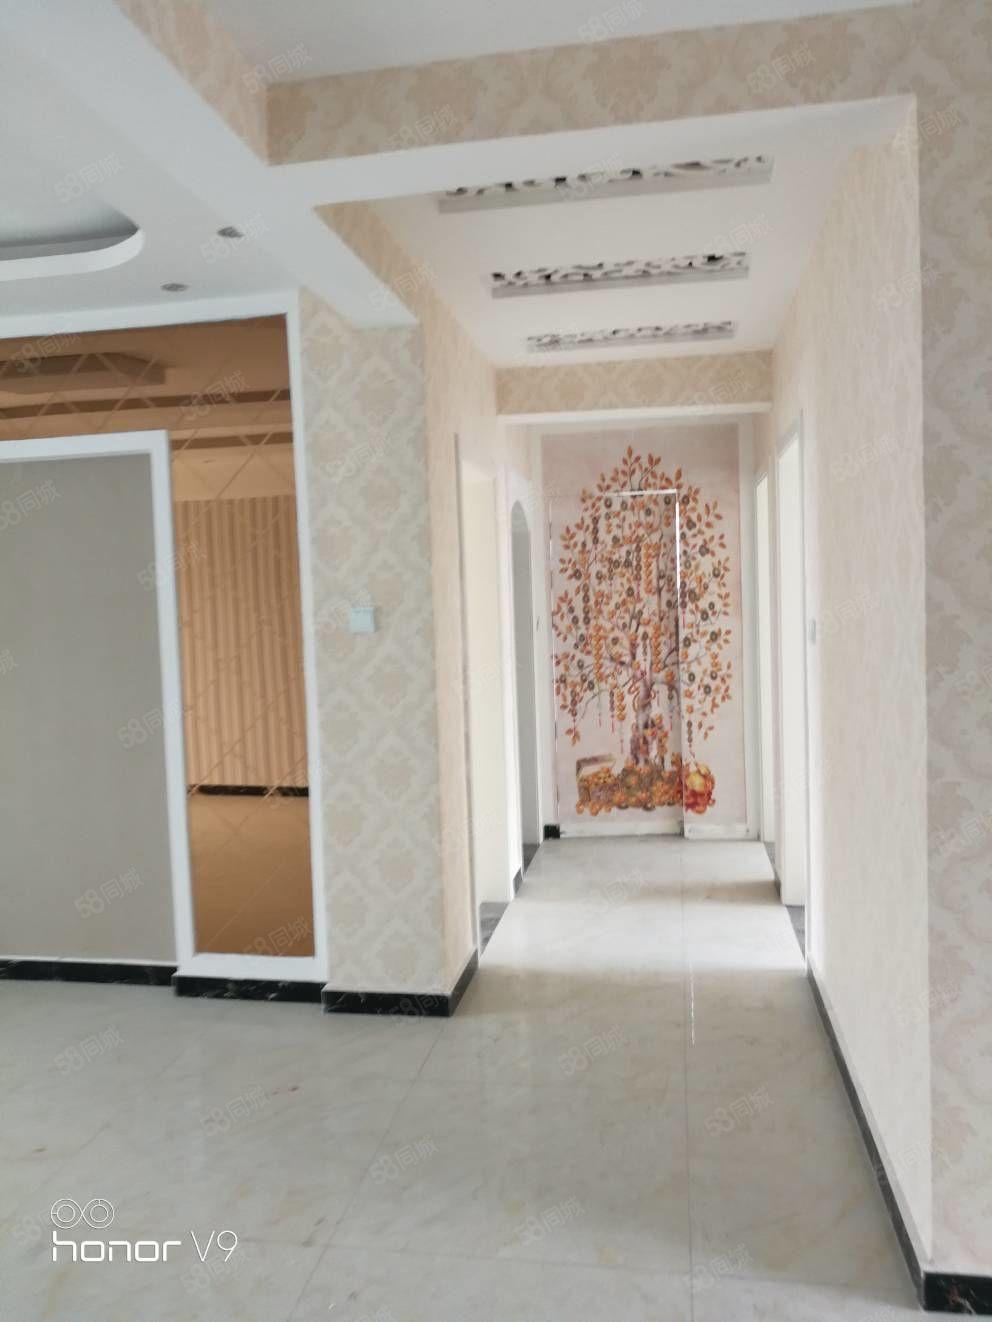 便宜10万福临城精装修未住五室三厅两位双入户门带储藏室买一赠